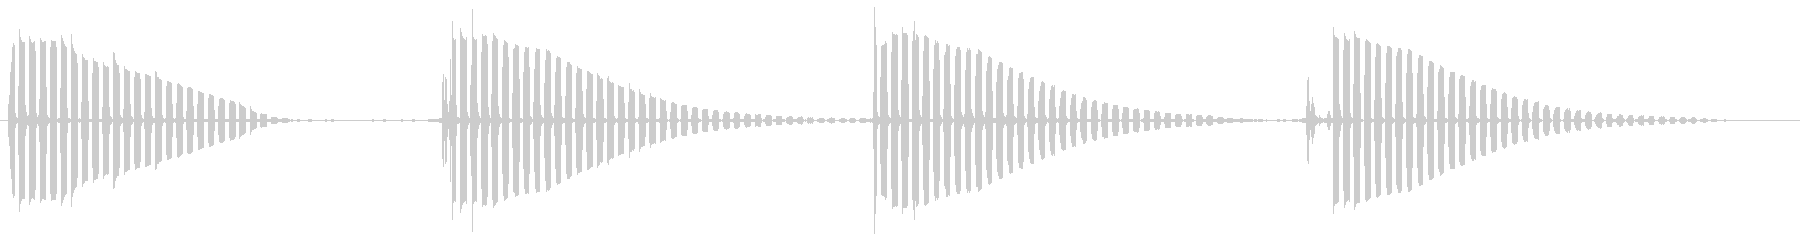 ビョビョ〜ンビチョンと跳ねるカエルの音の未再生の波形